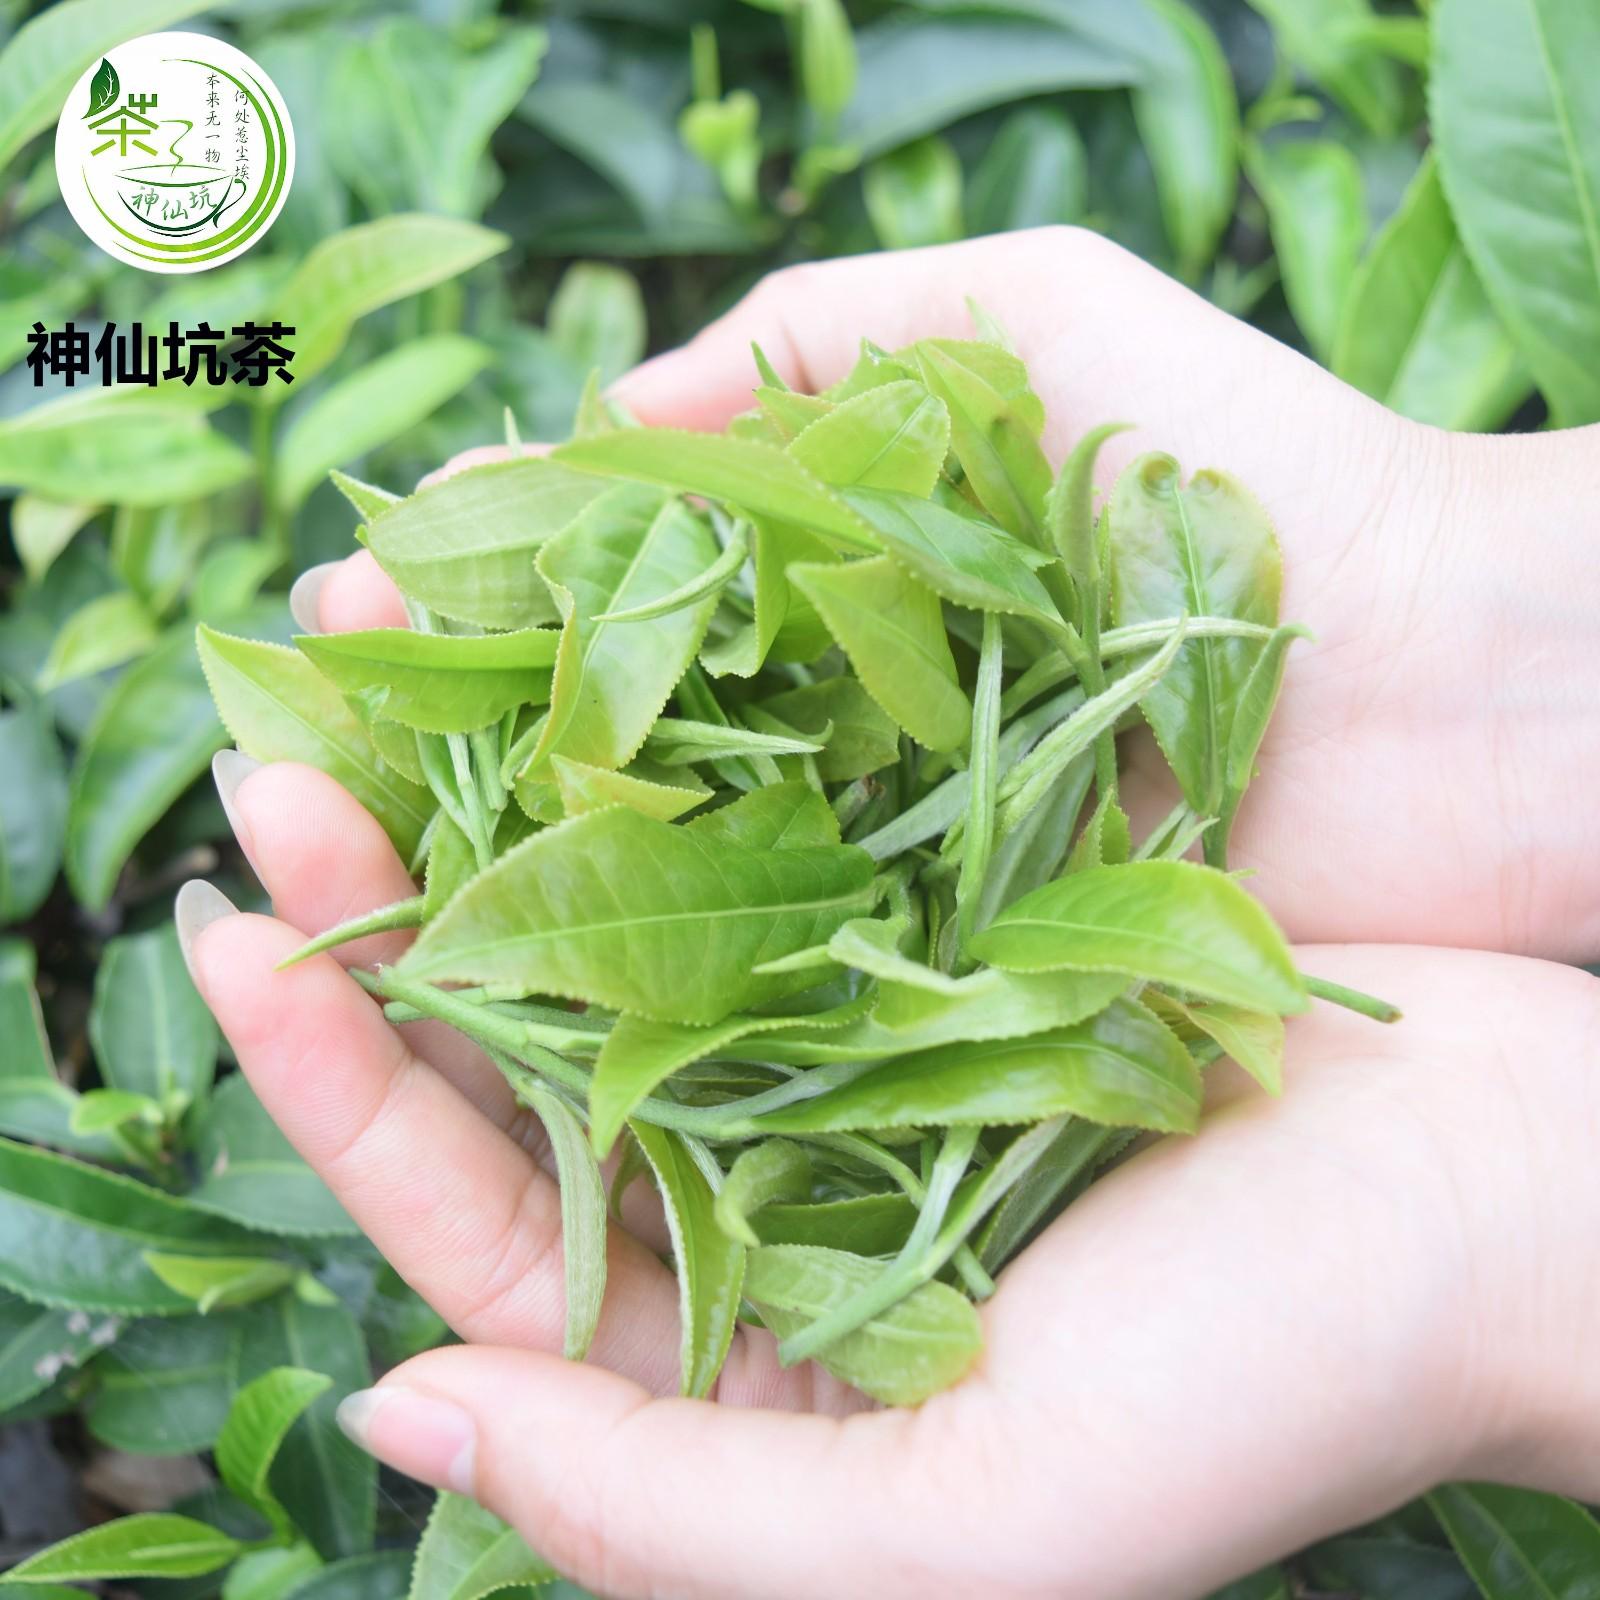 红茶礼盒50g3罐|推荐产品-新兴县水源山茶叶有限公司